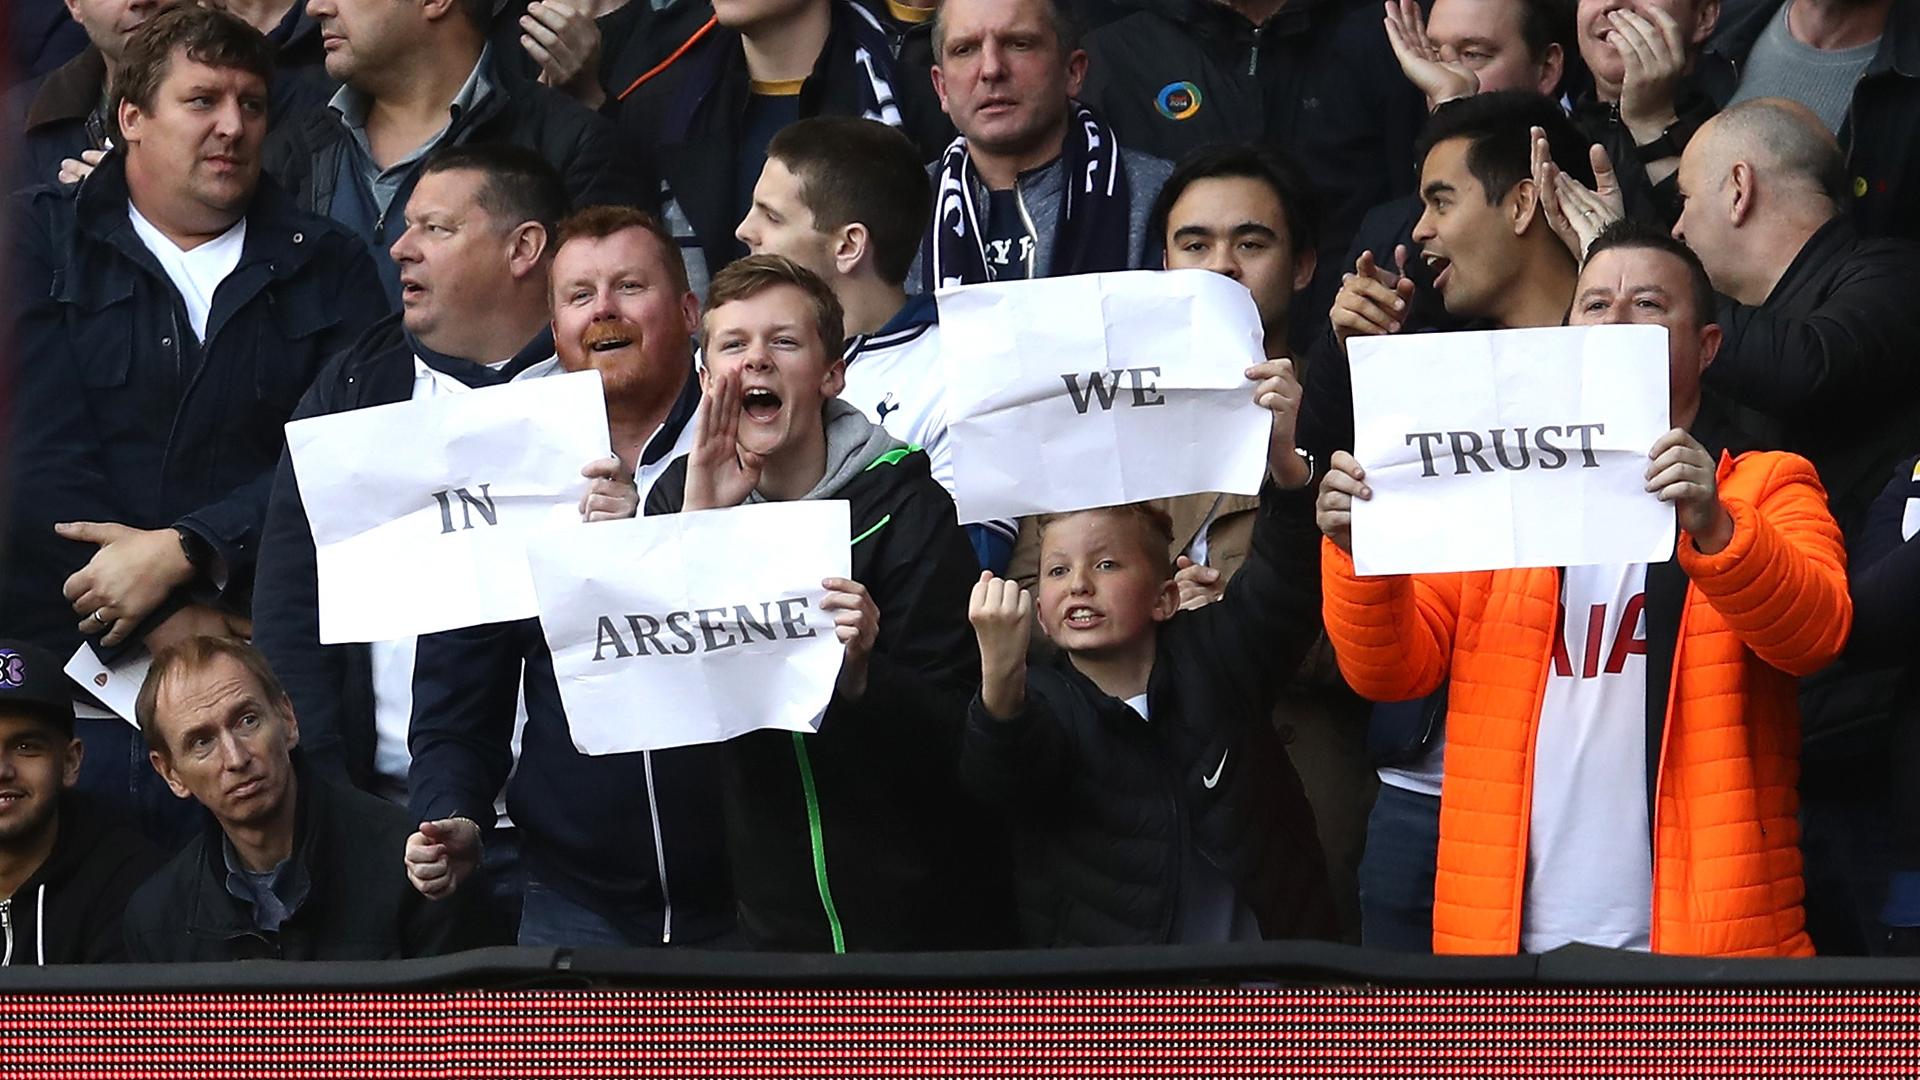 Tottenham fans Arsene Wenger Arsenal